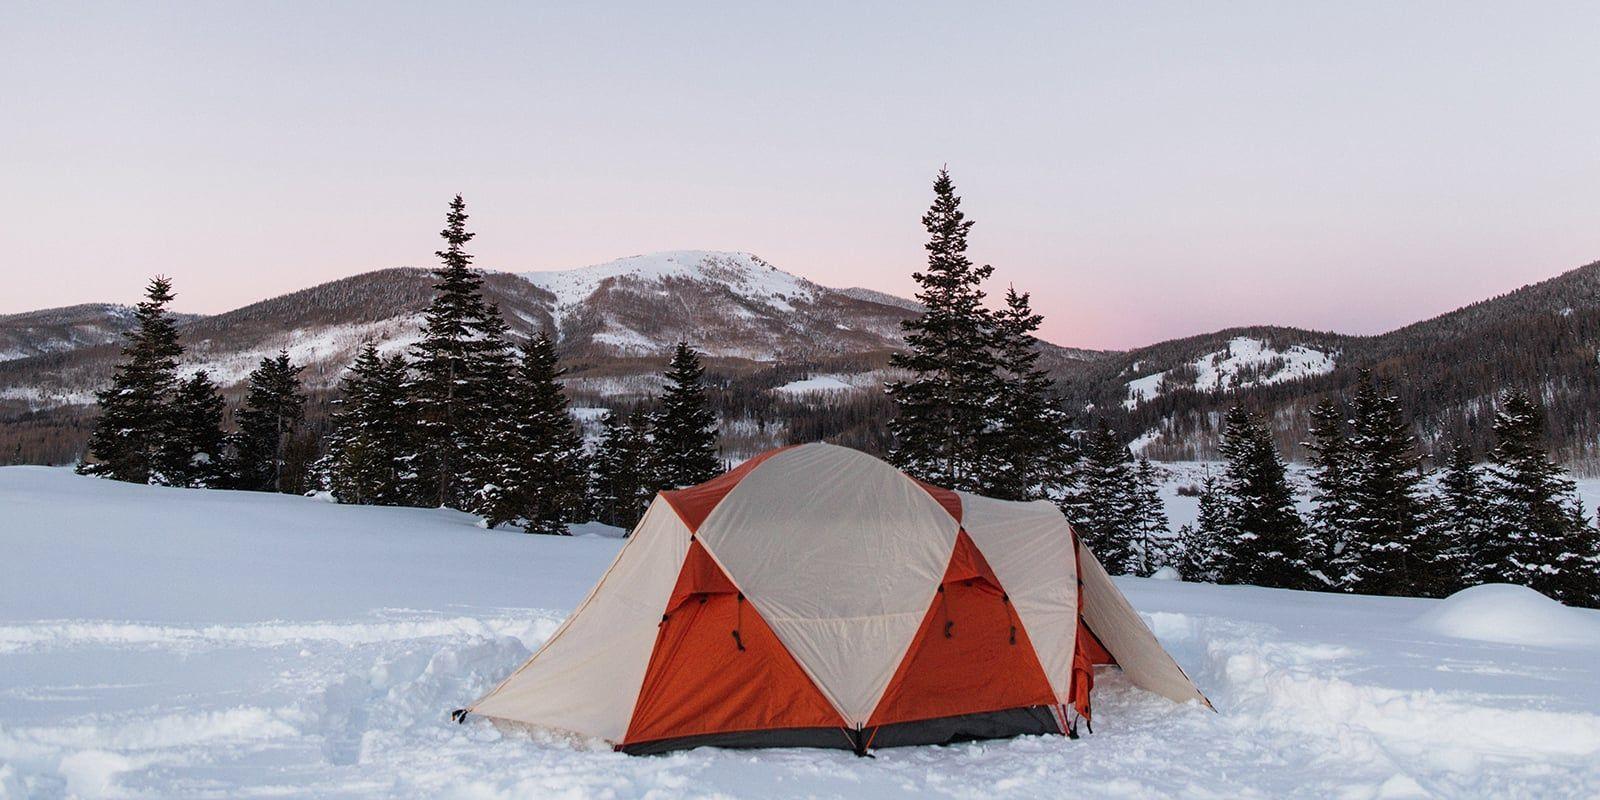 Winter Camping Essential Gear Checklist - REI Expert ...